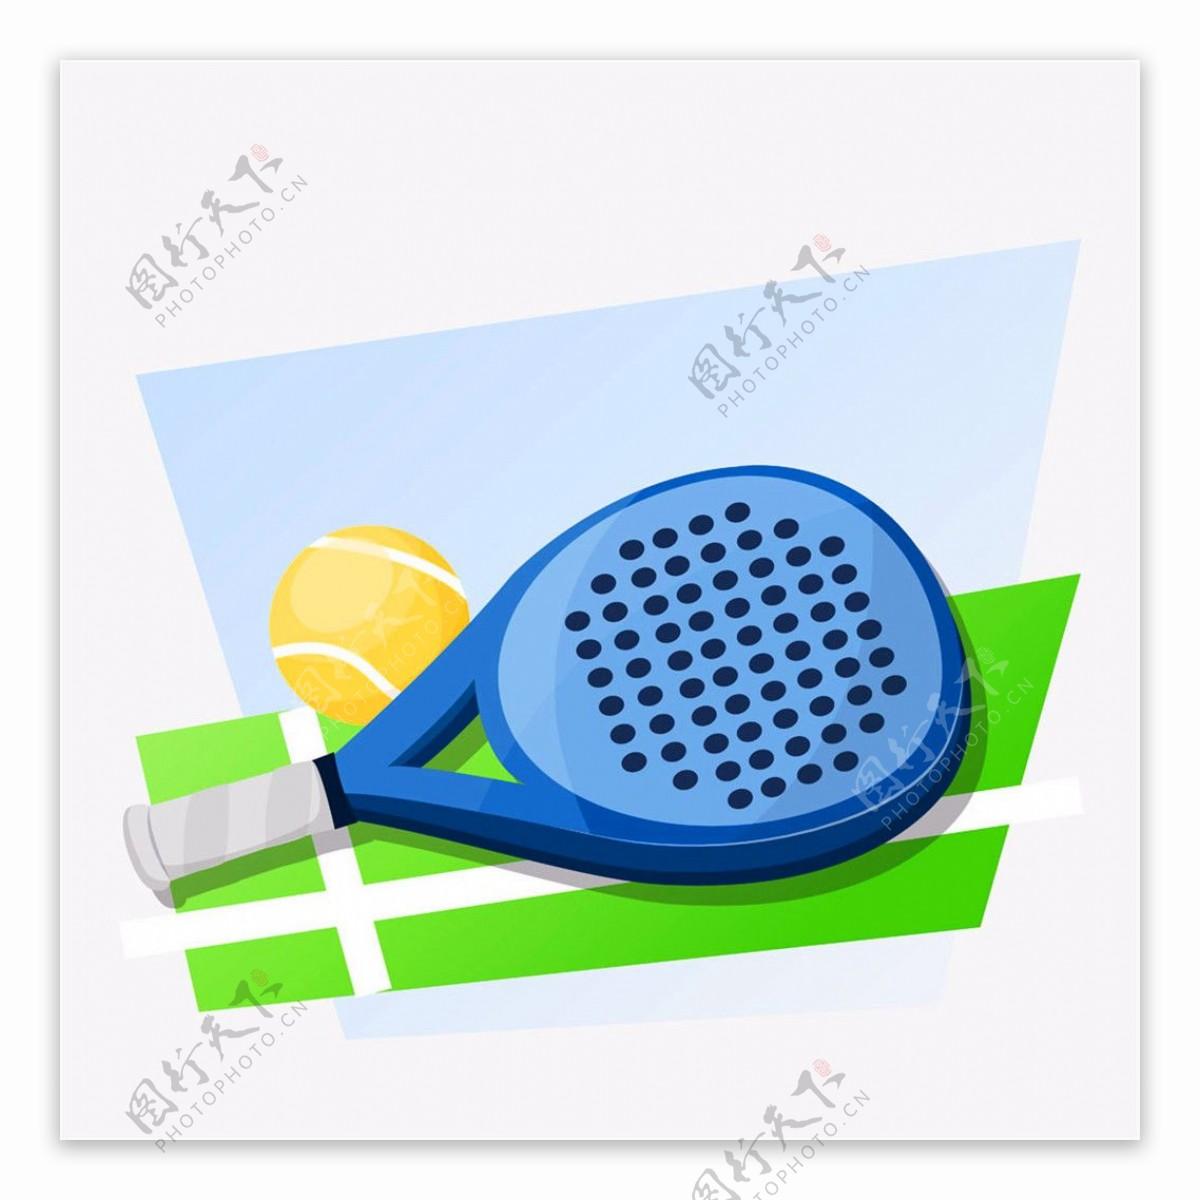 蓝色球拍和网球logo图片